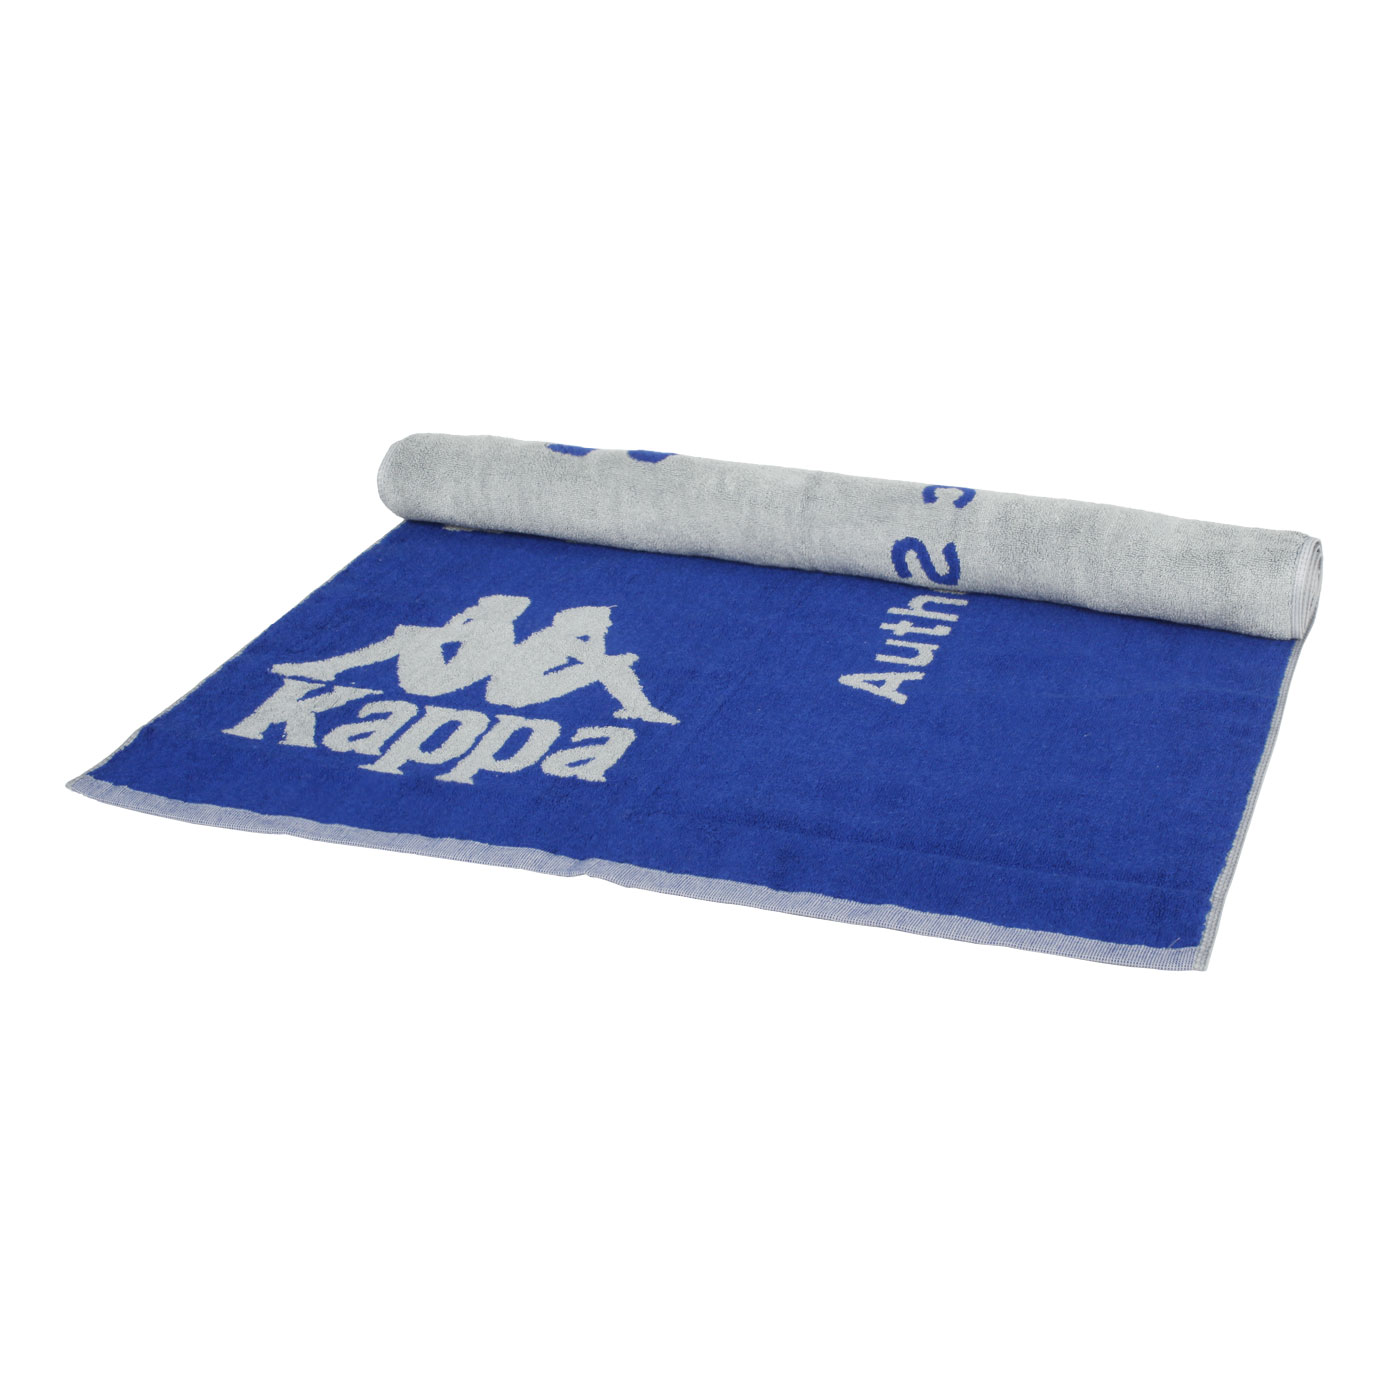 KAPPA 運動毛巾 32157QW-A0N - 藍灰